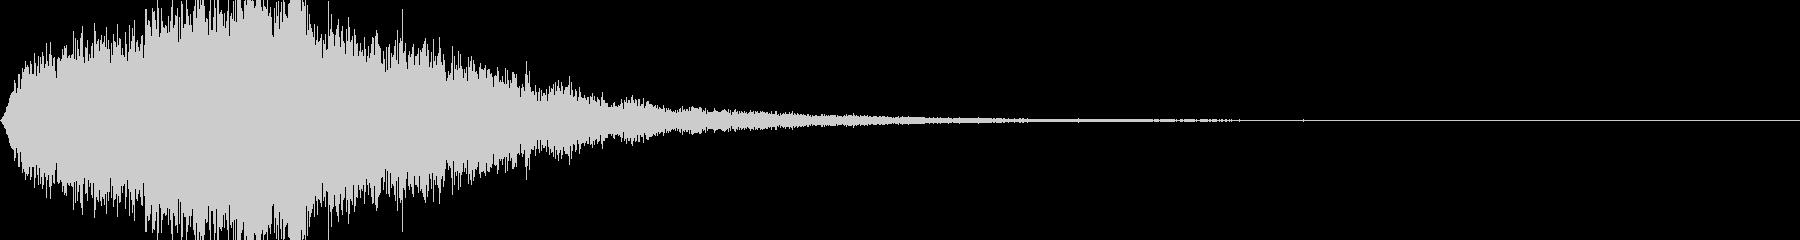 【ダーク・ホラー】アトモスフィア_06の未再生の波形